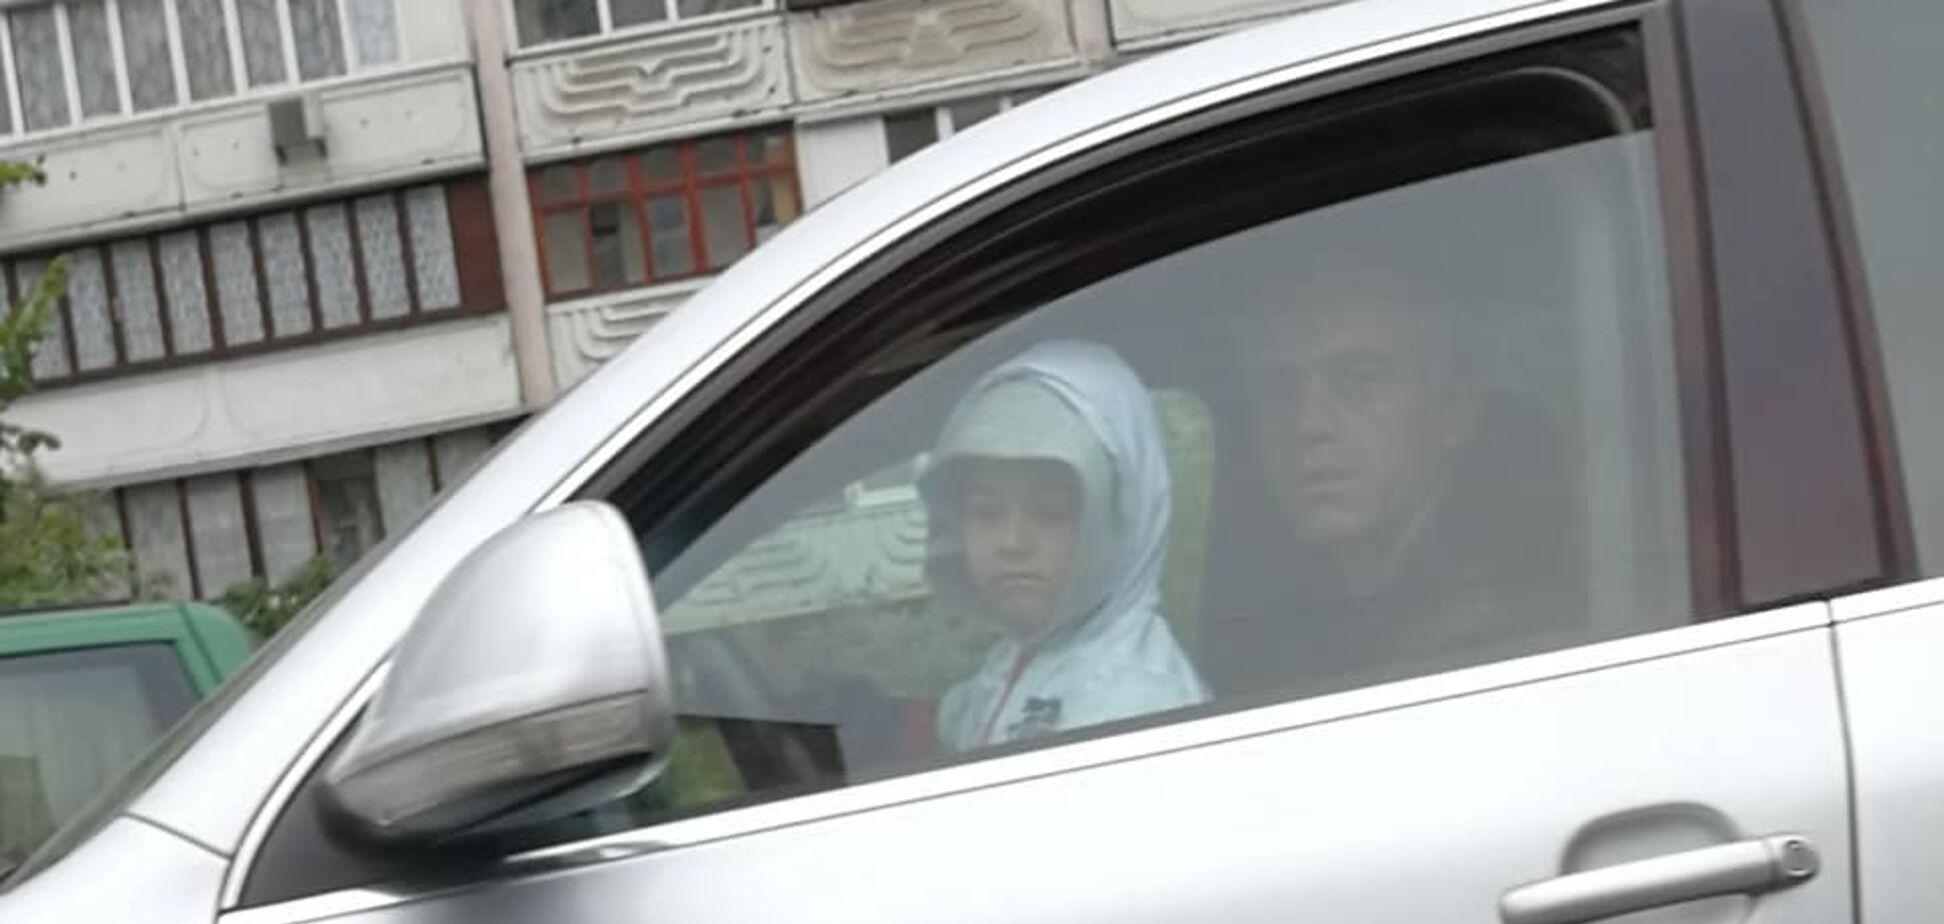 'У дебила есть иконка!' В Киеве разгорелся скандал из-за ребенка за рулем авто